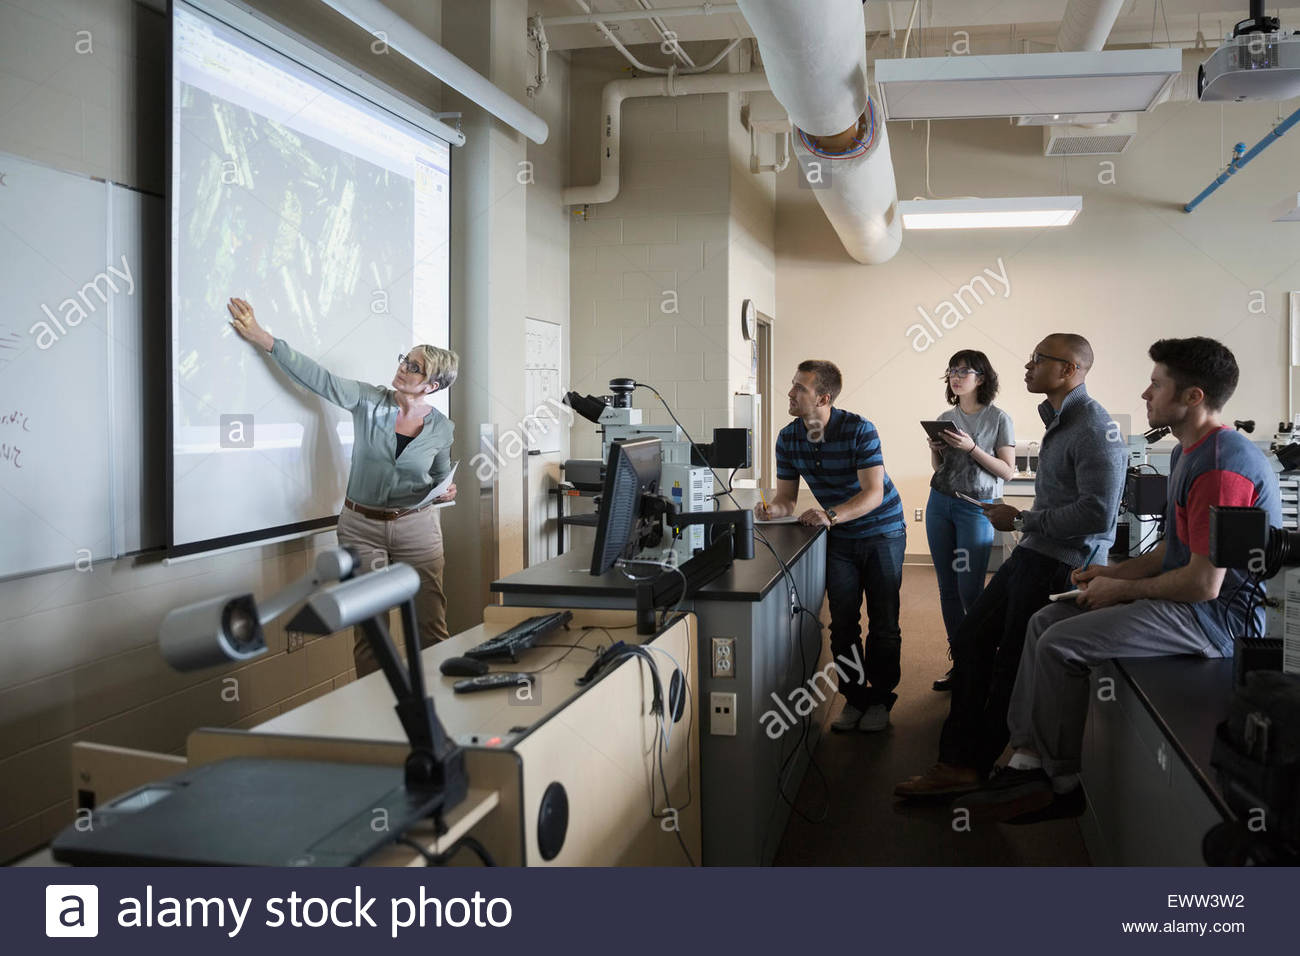 Informatik-Professor führenden Lektion auf Projektion Schirm Klassenzimmer Stockbild